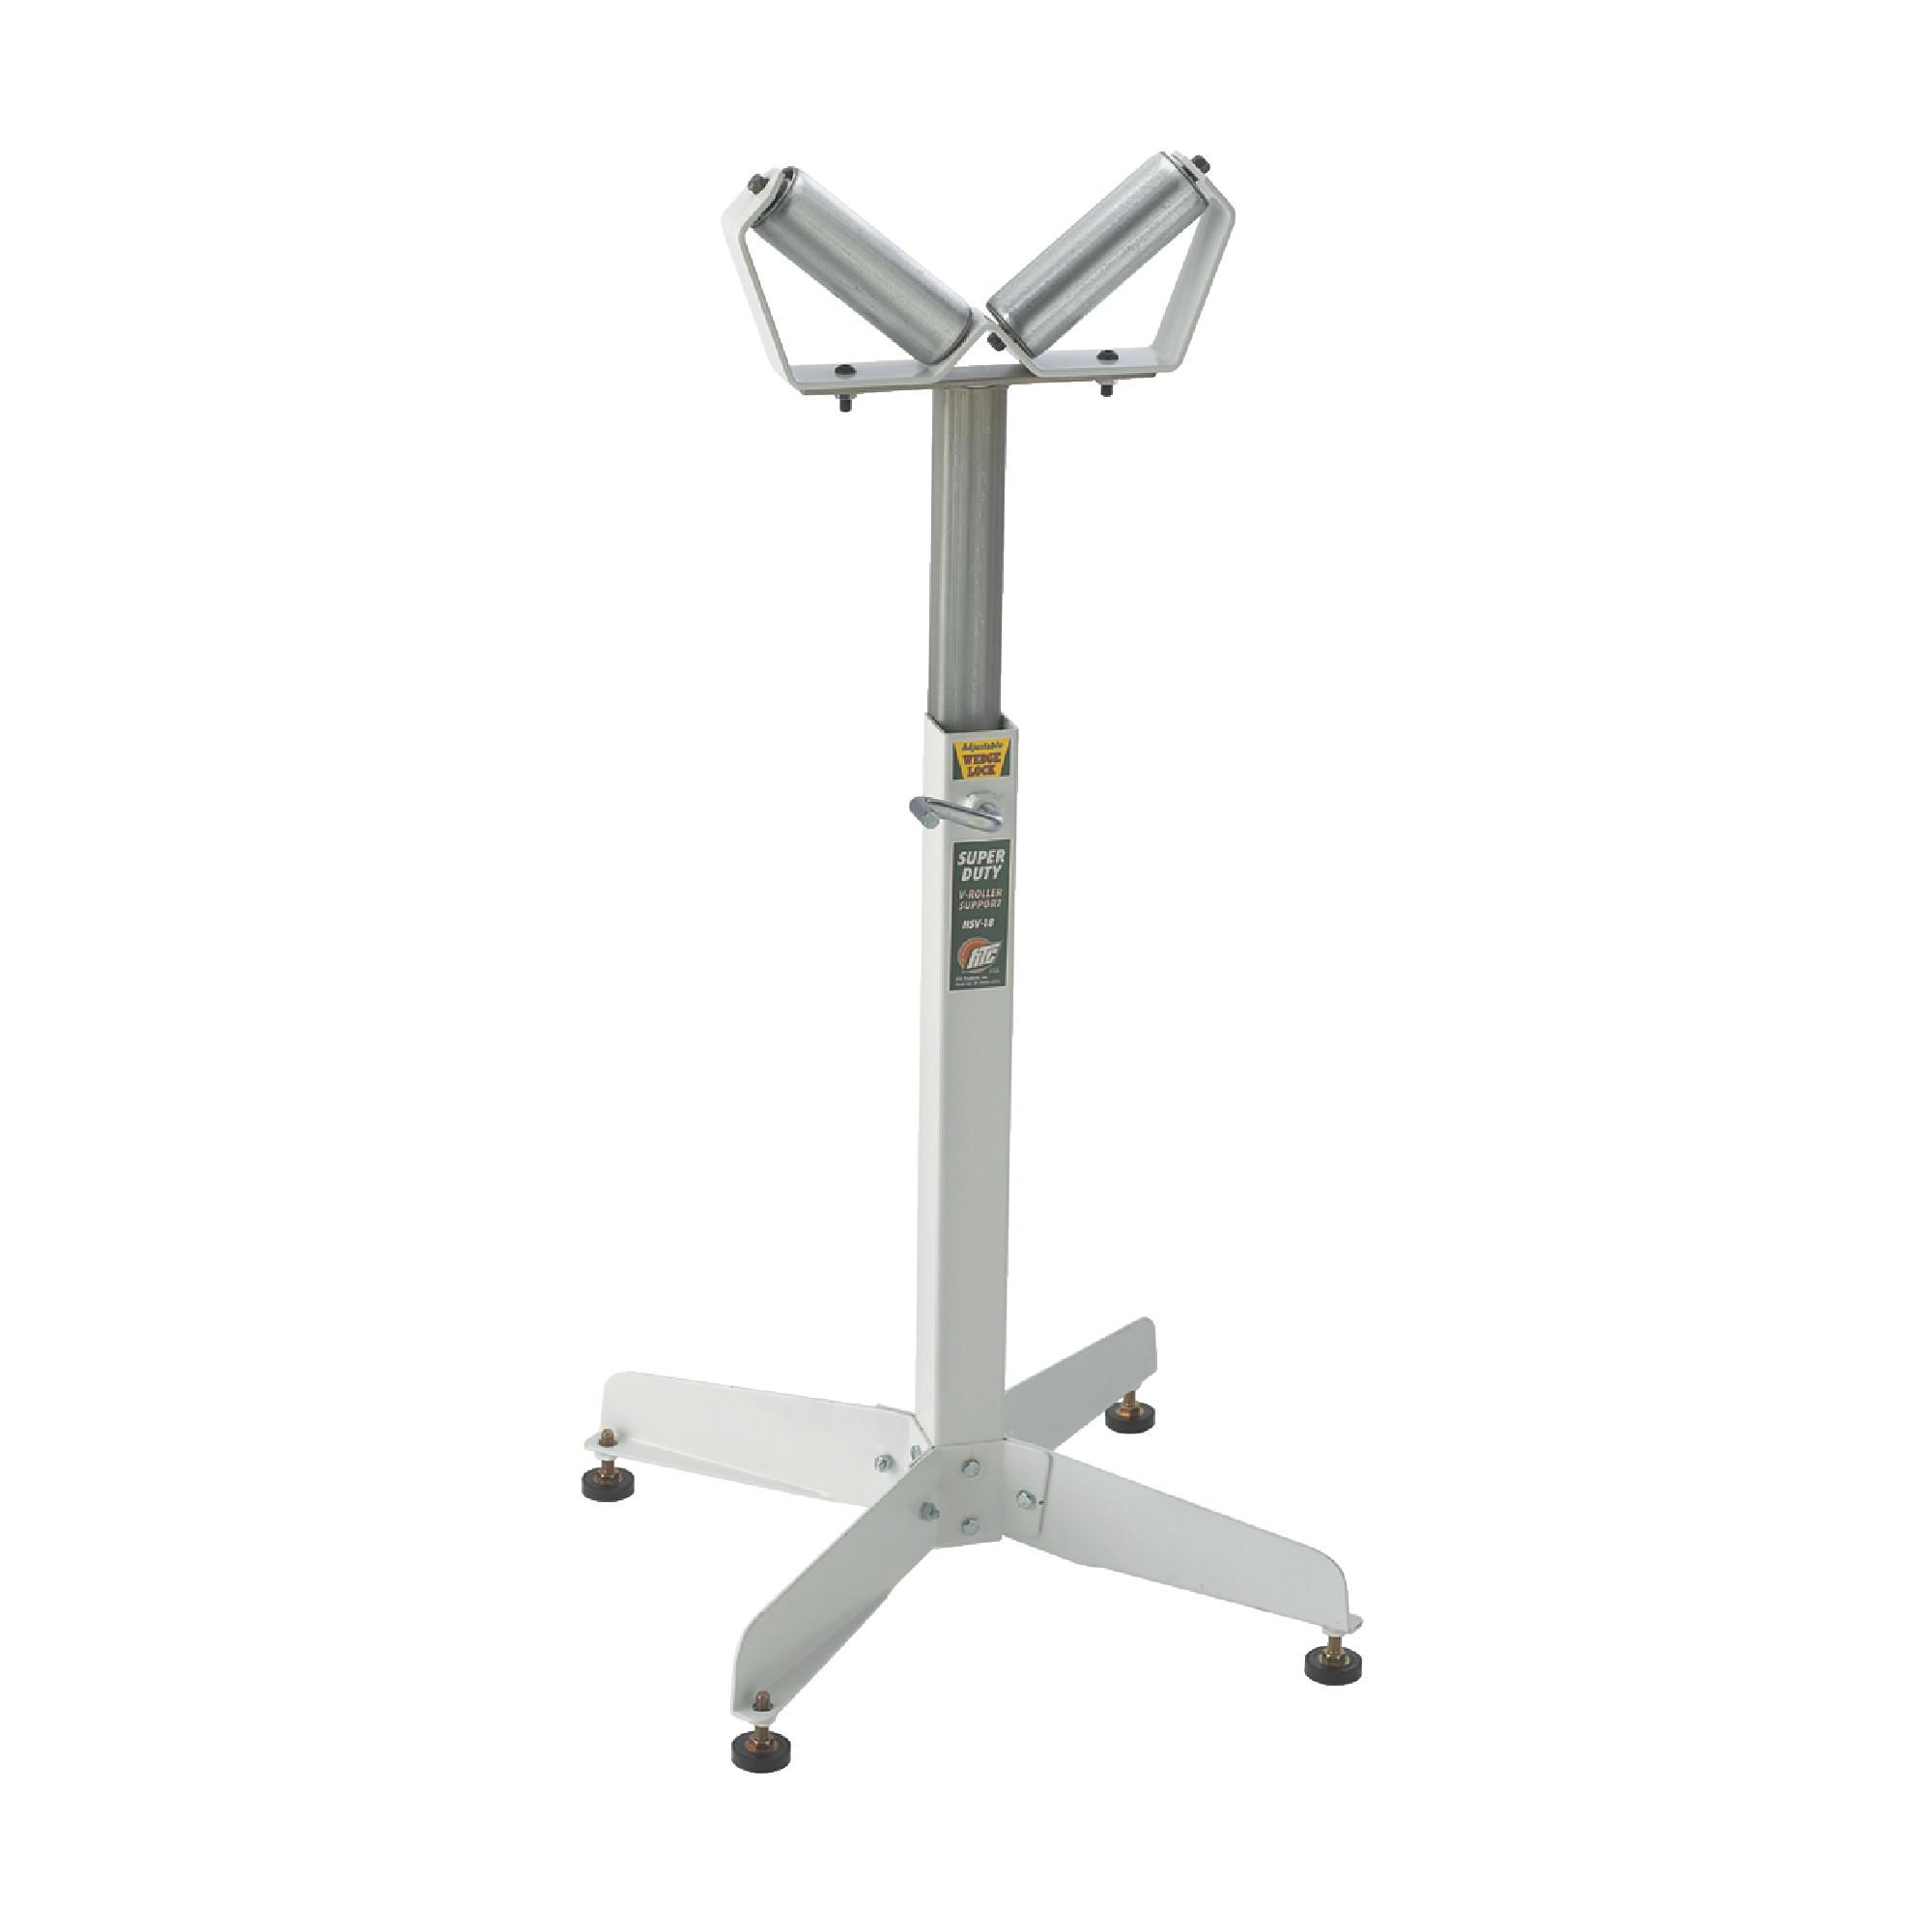 V-Roller Support